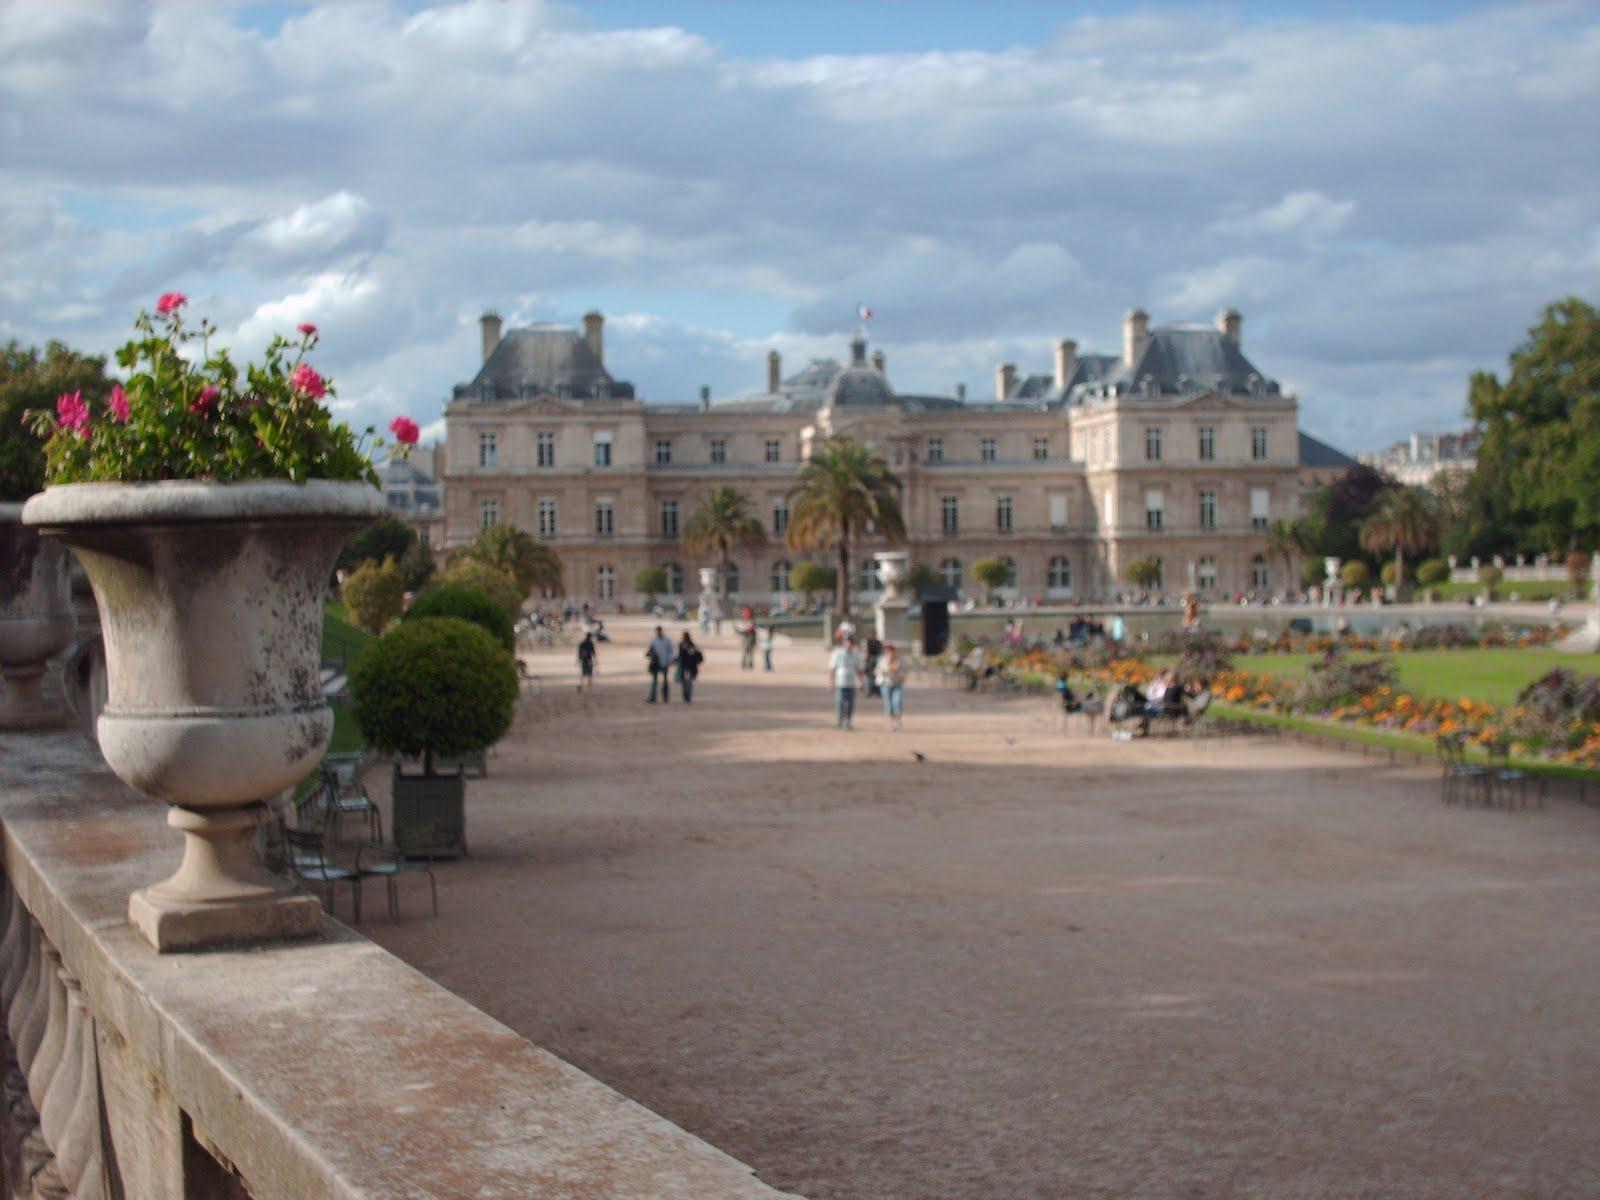 Paris au mois de mai 7 par s en el mes de mayo 7 la for Aller au jardin du luxembourg